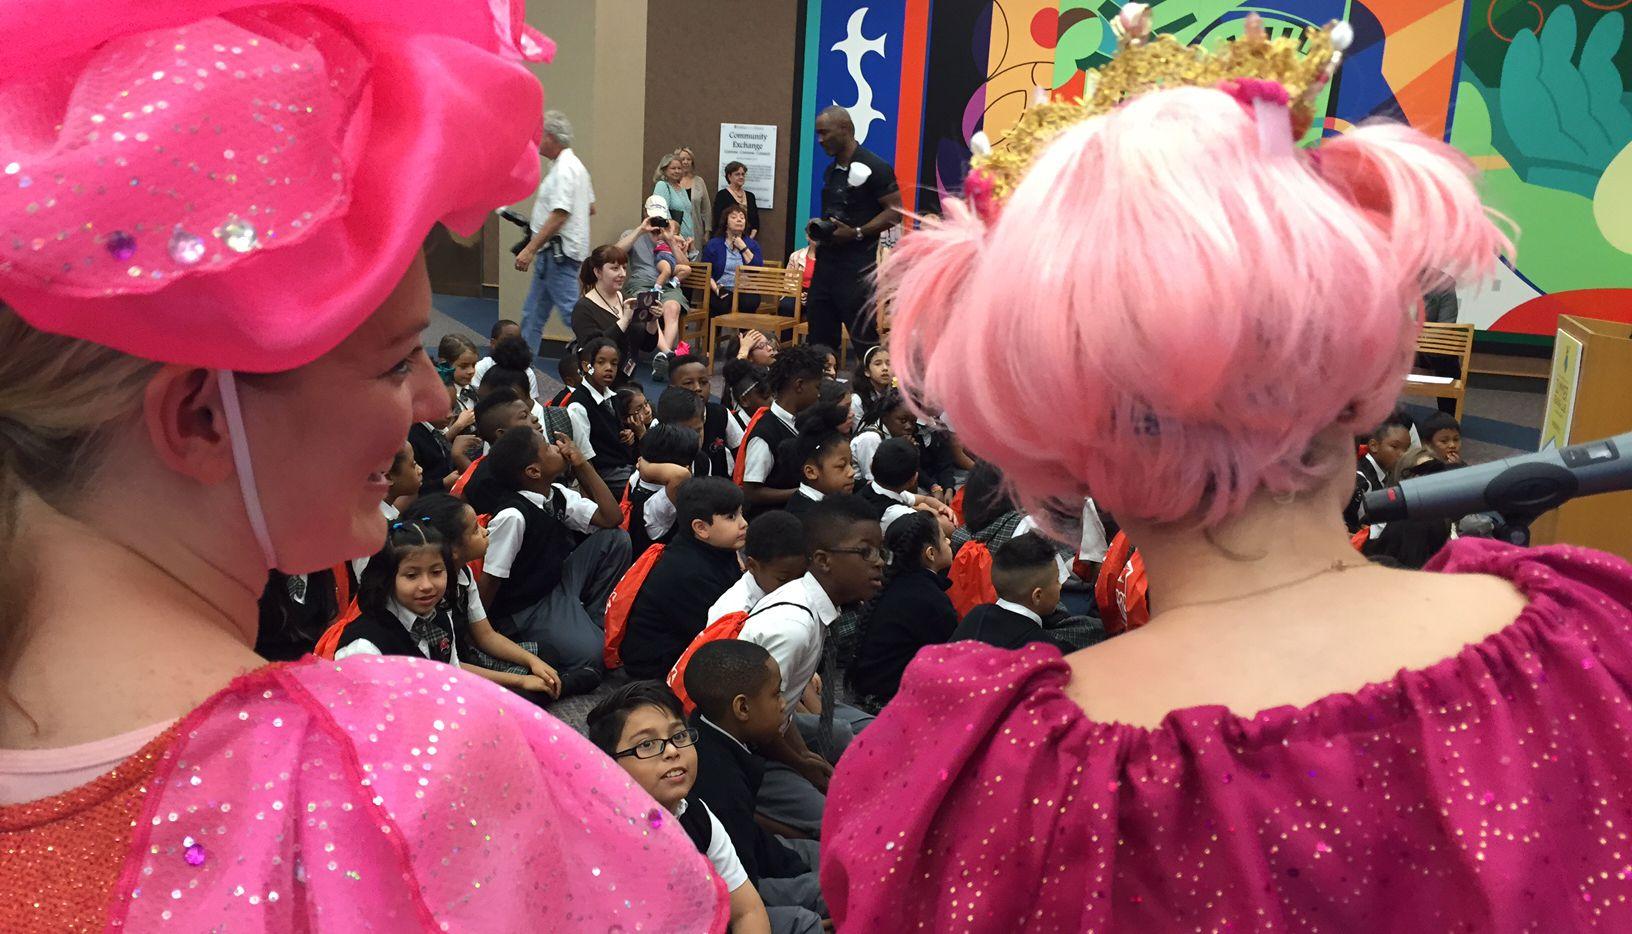 Estudiantes de la Pegasus School of Liberal Arts & Sciences, una escuela charter, participaron en el lanzamiento del Club de Lectura de Verano, auspiciado por la Alcaldía de Dallas. (AL DÍA/ANA AZPÚRUA)